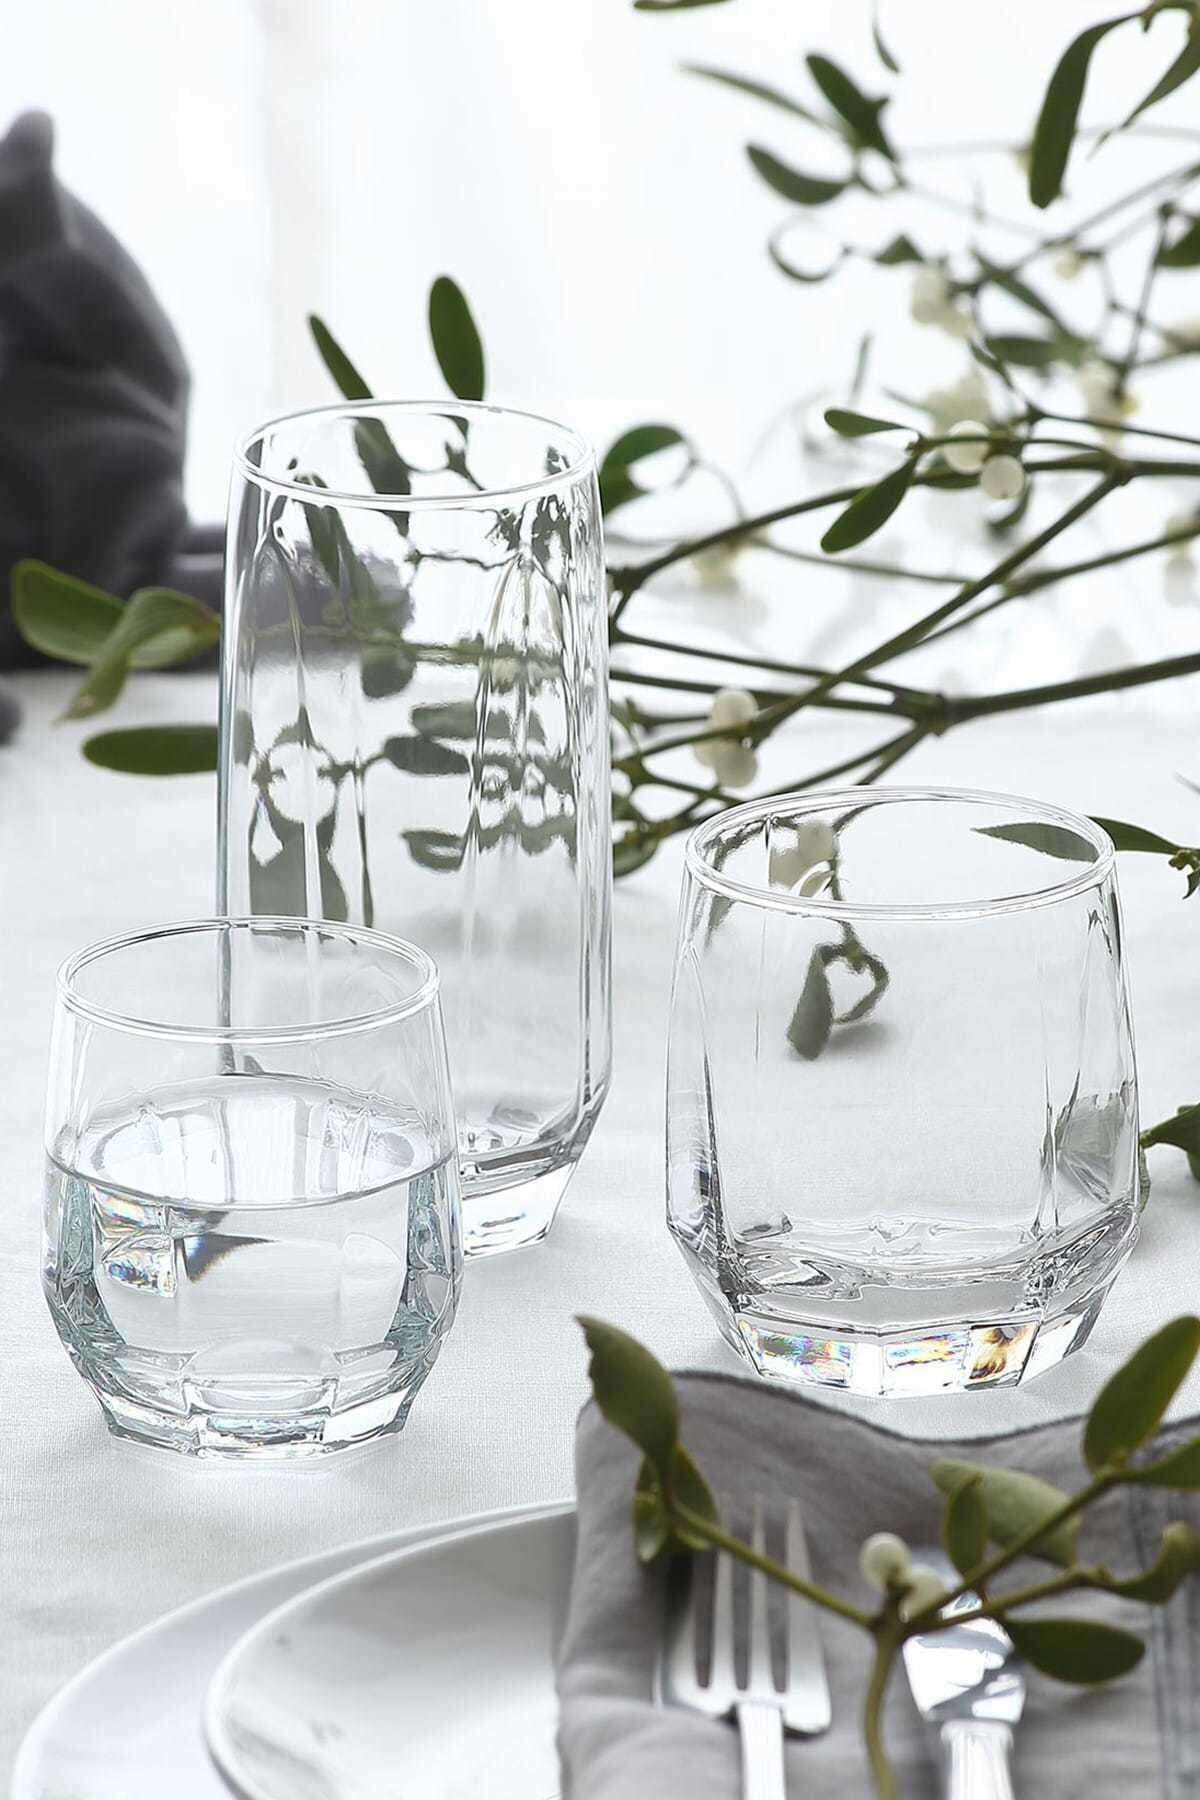 LAV Diamond 18'li Meşrubat Bardağı Seti 1